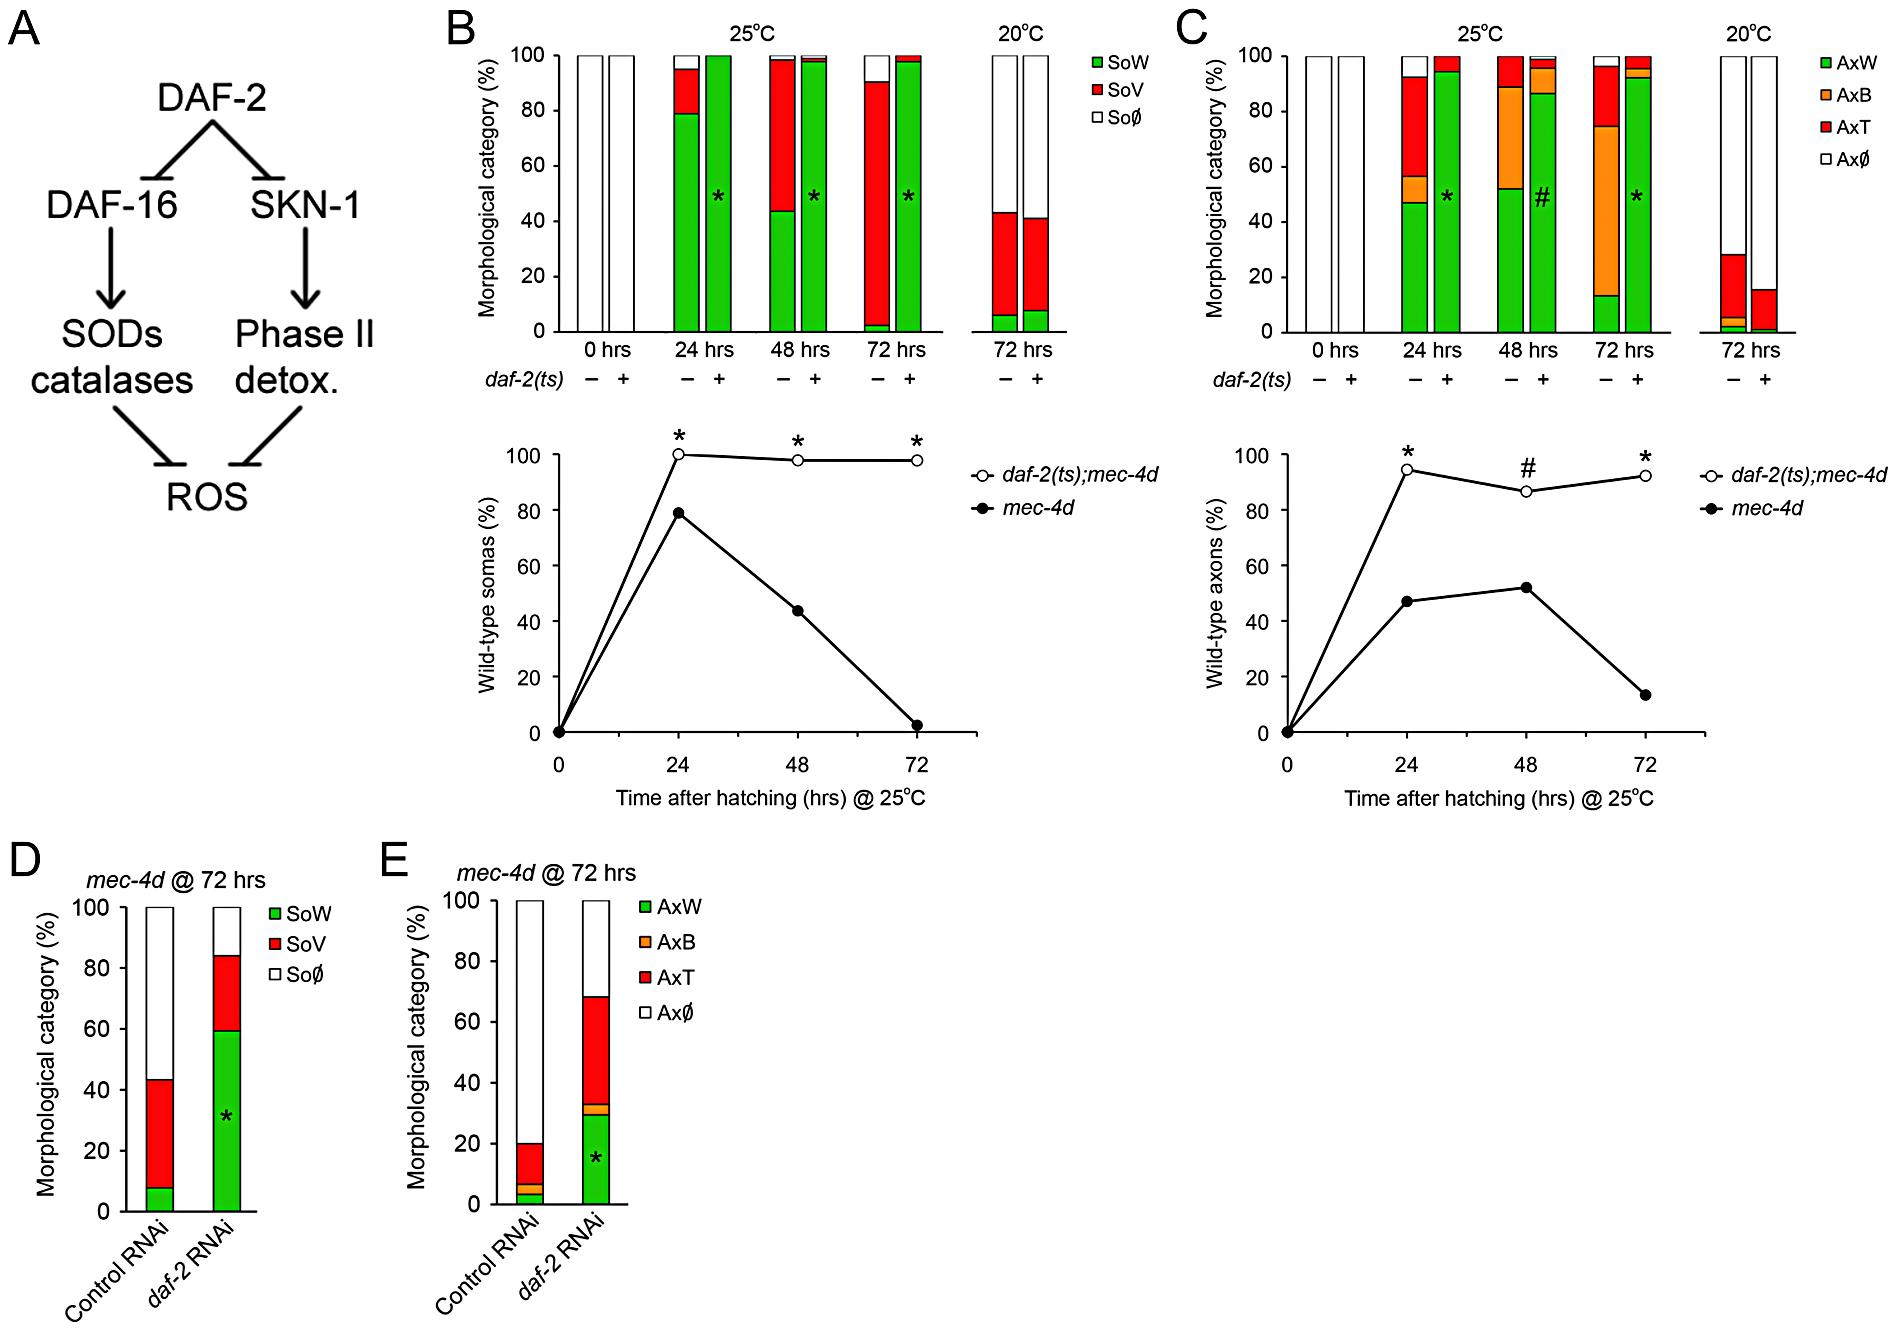 Downregulation of Insulin/IGF-1-like signaling (IIS) prevents neuronal degeneration triggered by <i>mec-4d</i>.